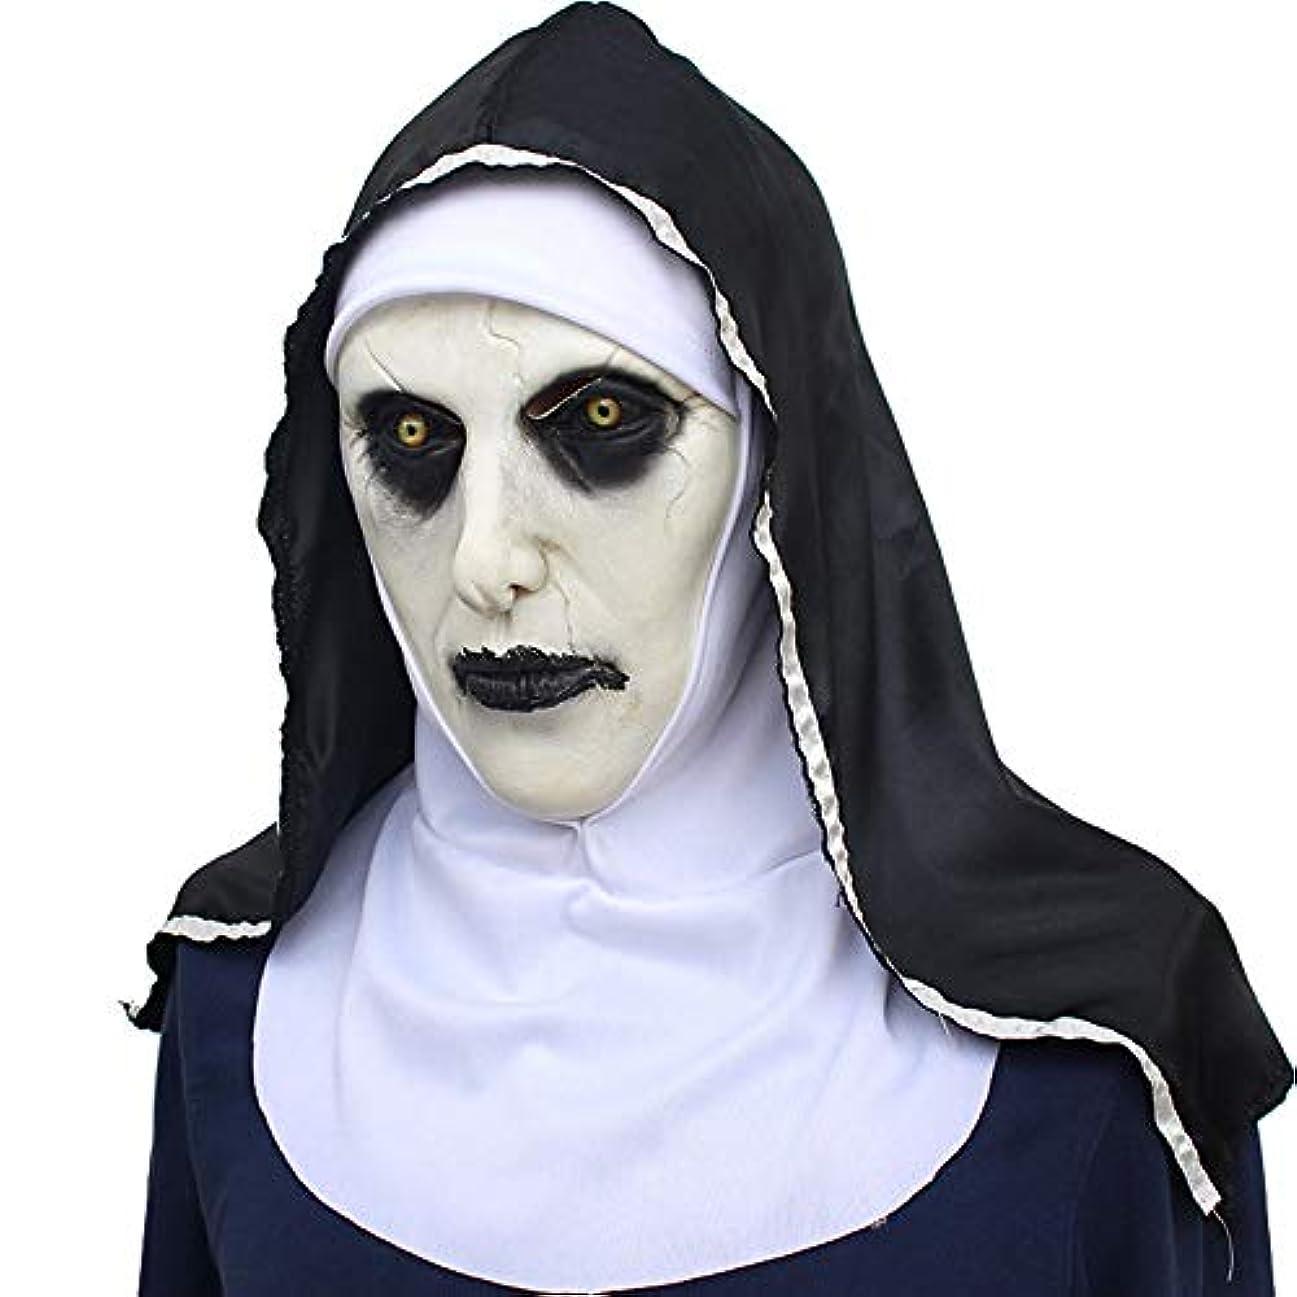 アラブ生む旅客ハロウィーンラテックスマスクホラー修道女フェイスマスクパーティー怖い面白い小道具